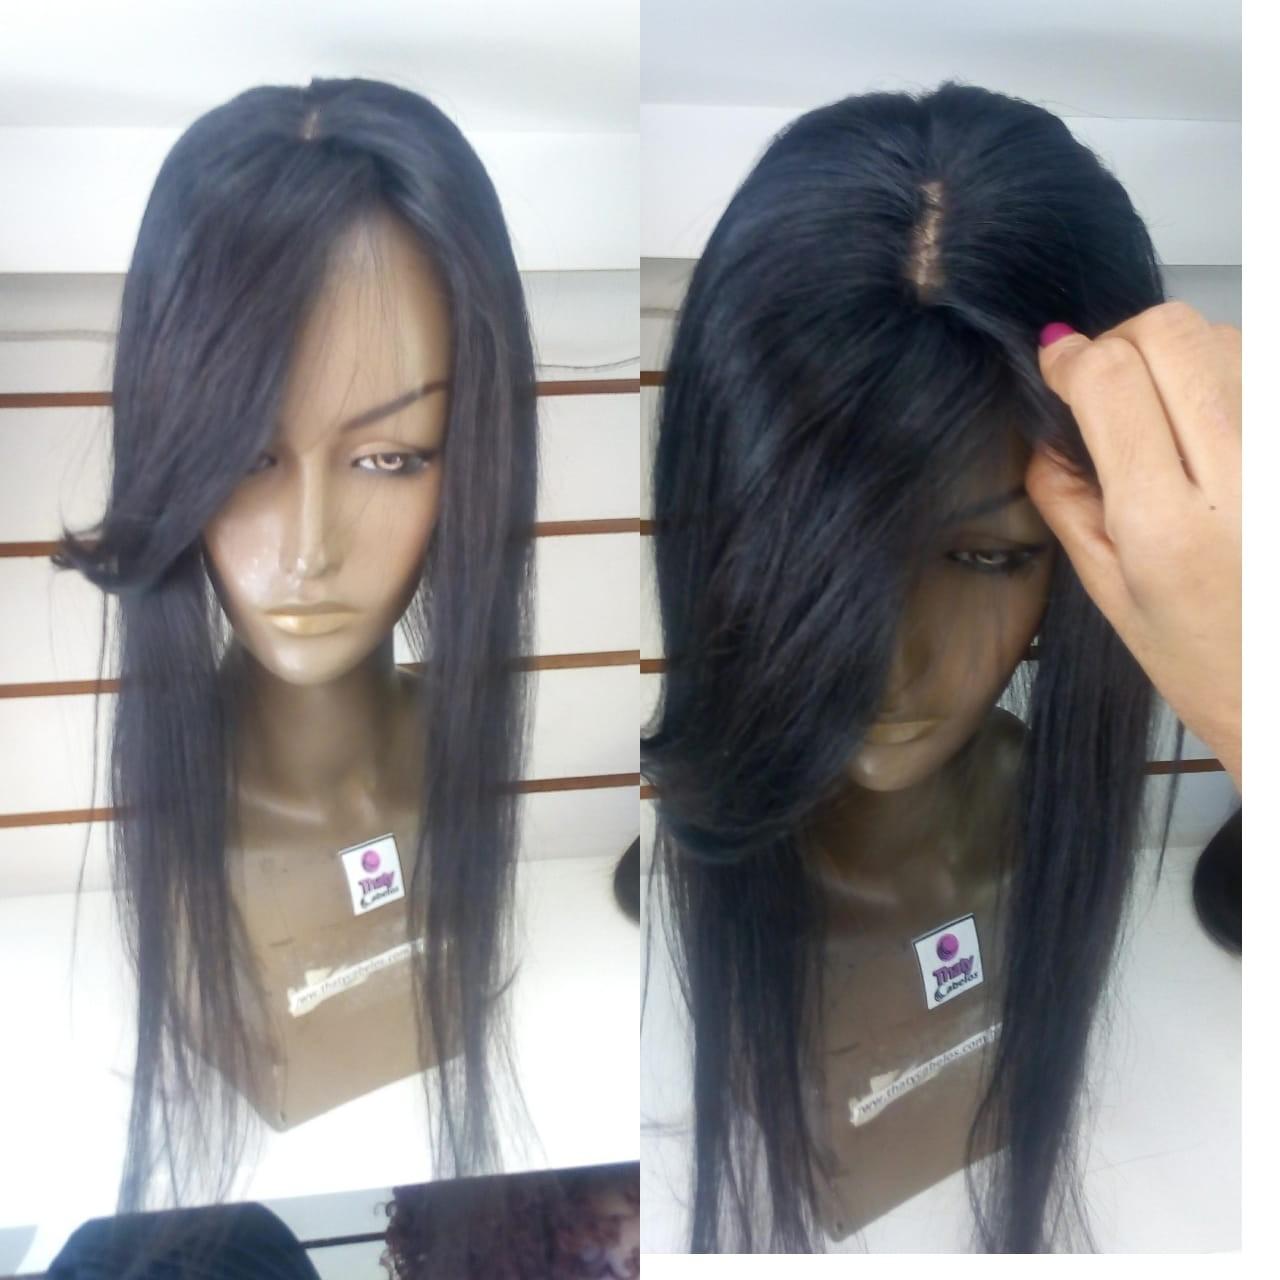 Prótese com micro pele( imitação de couro cabeludo no centro da prótese) 60 cm 70 gramas levemente ondulada molde 12x12